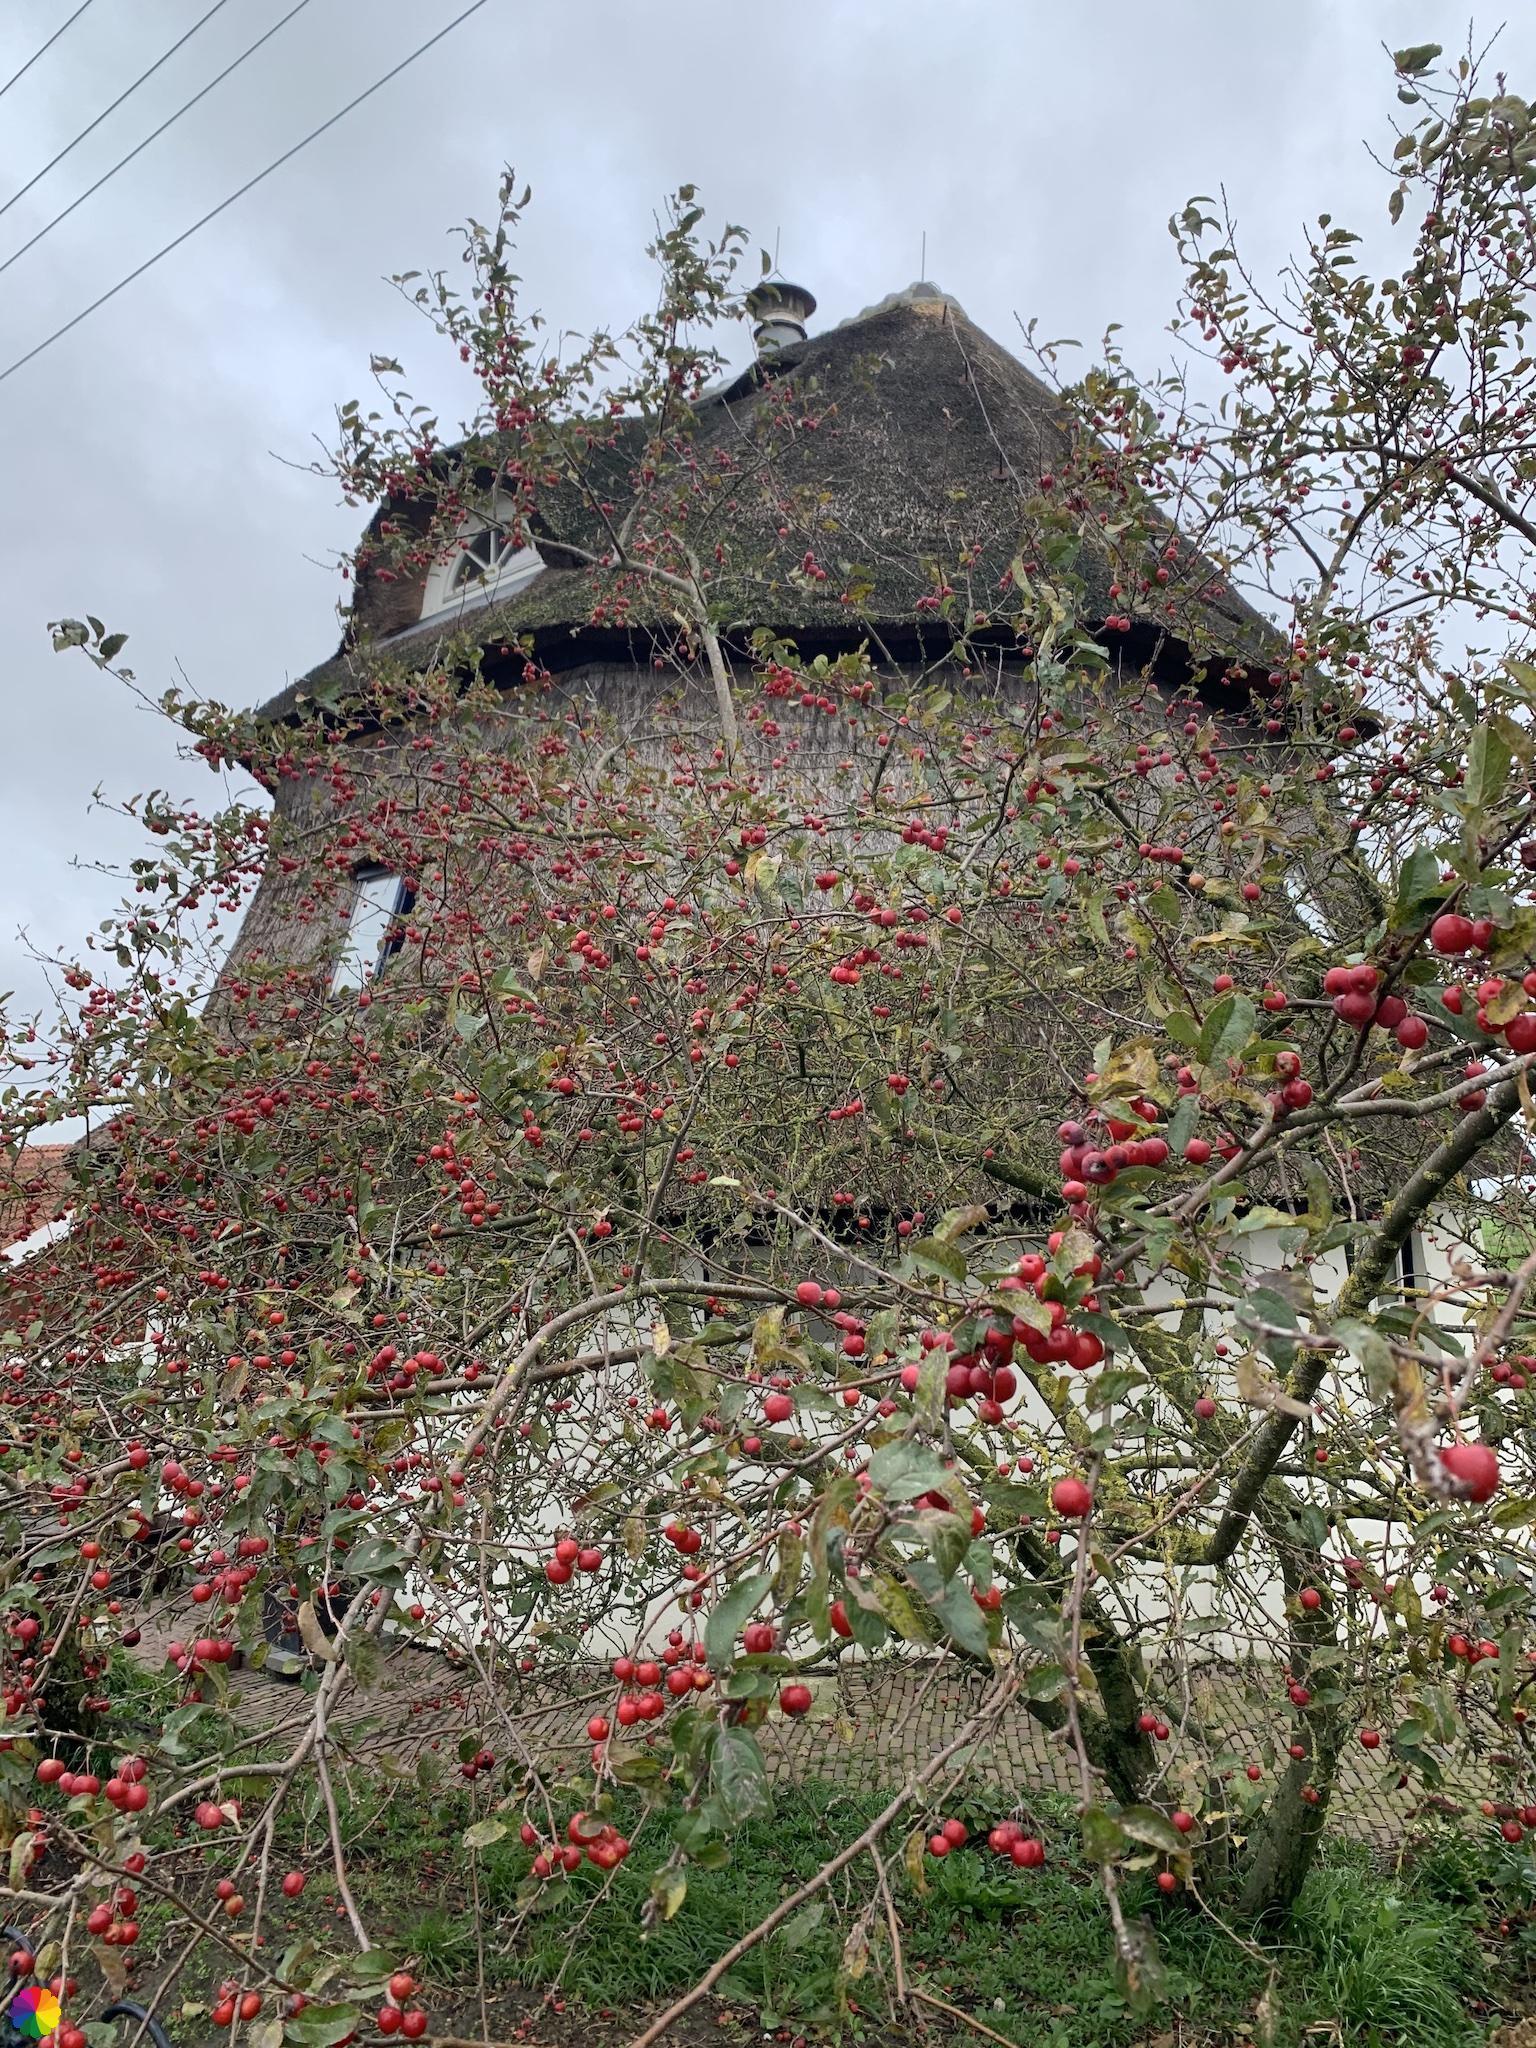 Molen-woonhuis tussen de appeltjes door